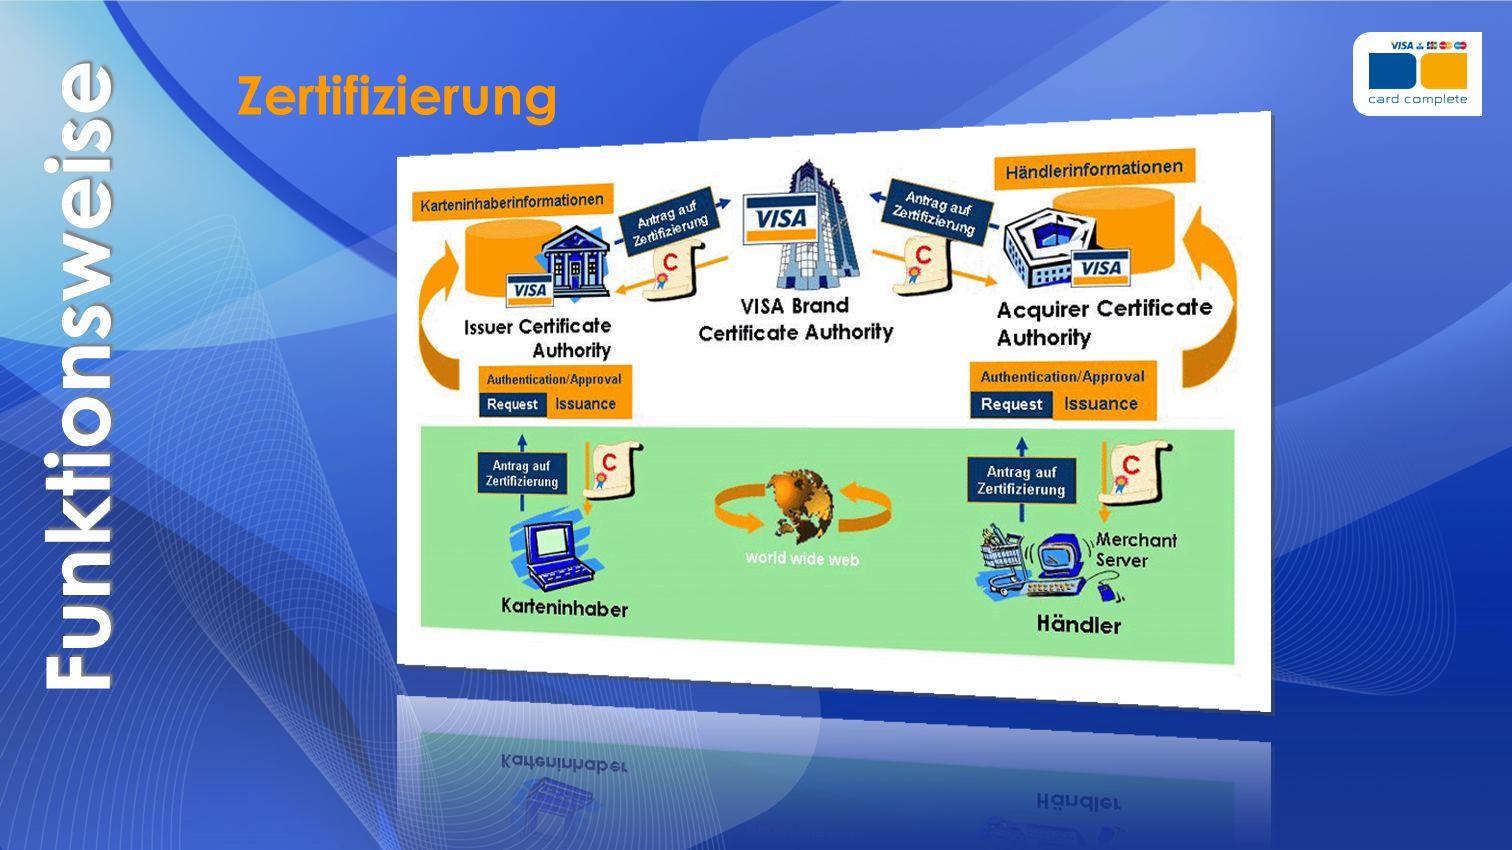 Funktionsweise Zertifizierung